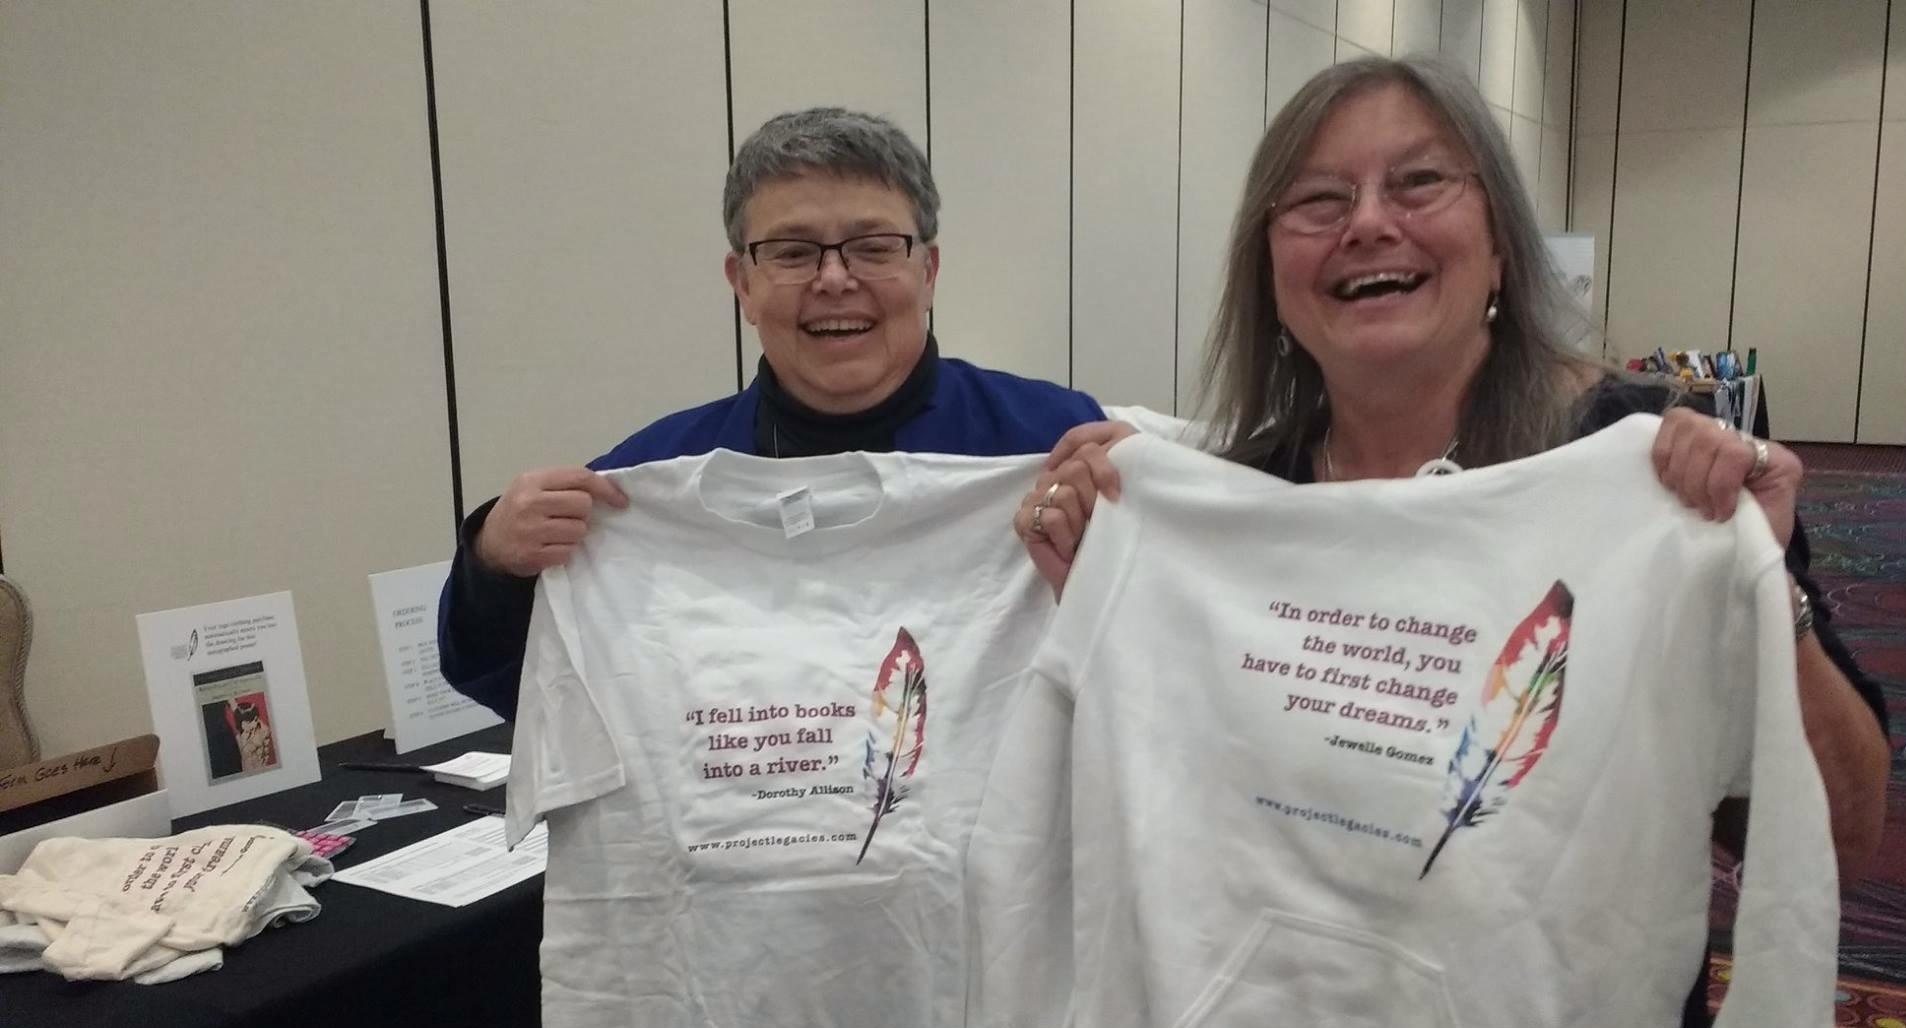 Elana Dykewomon & Dorothy Allison, sporting logowear.